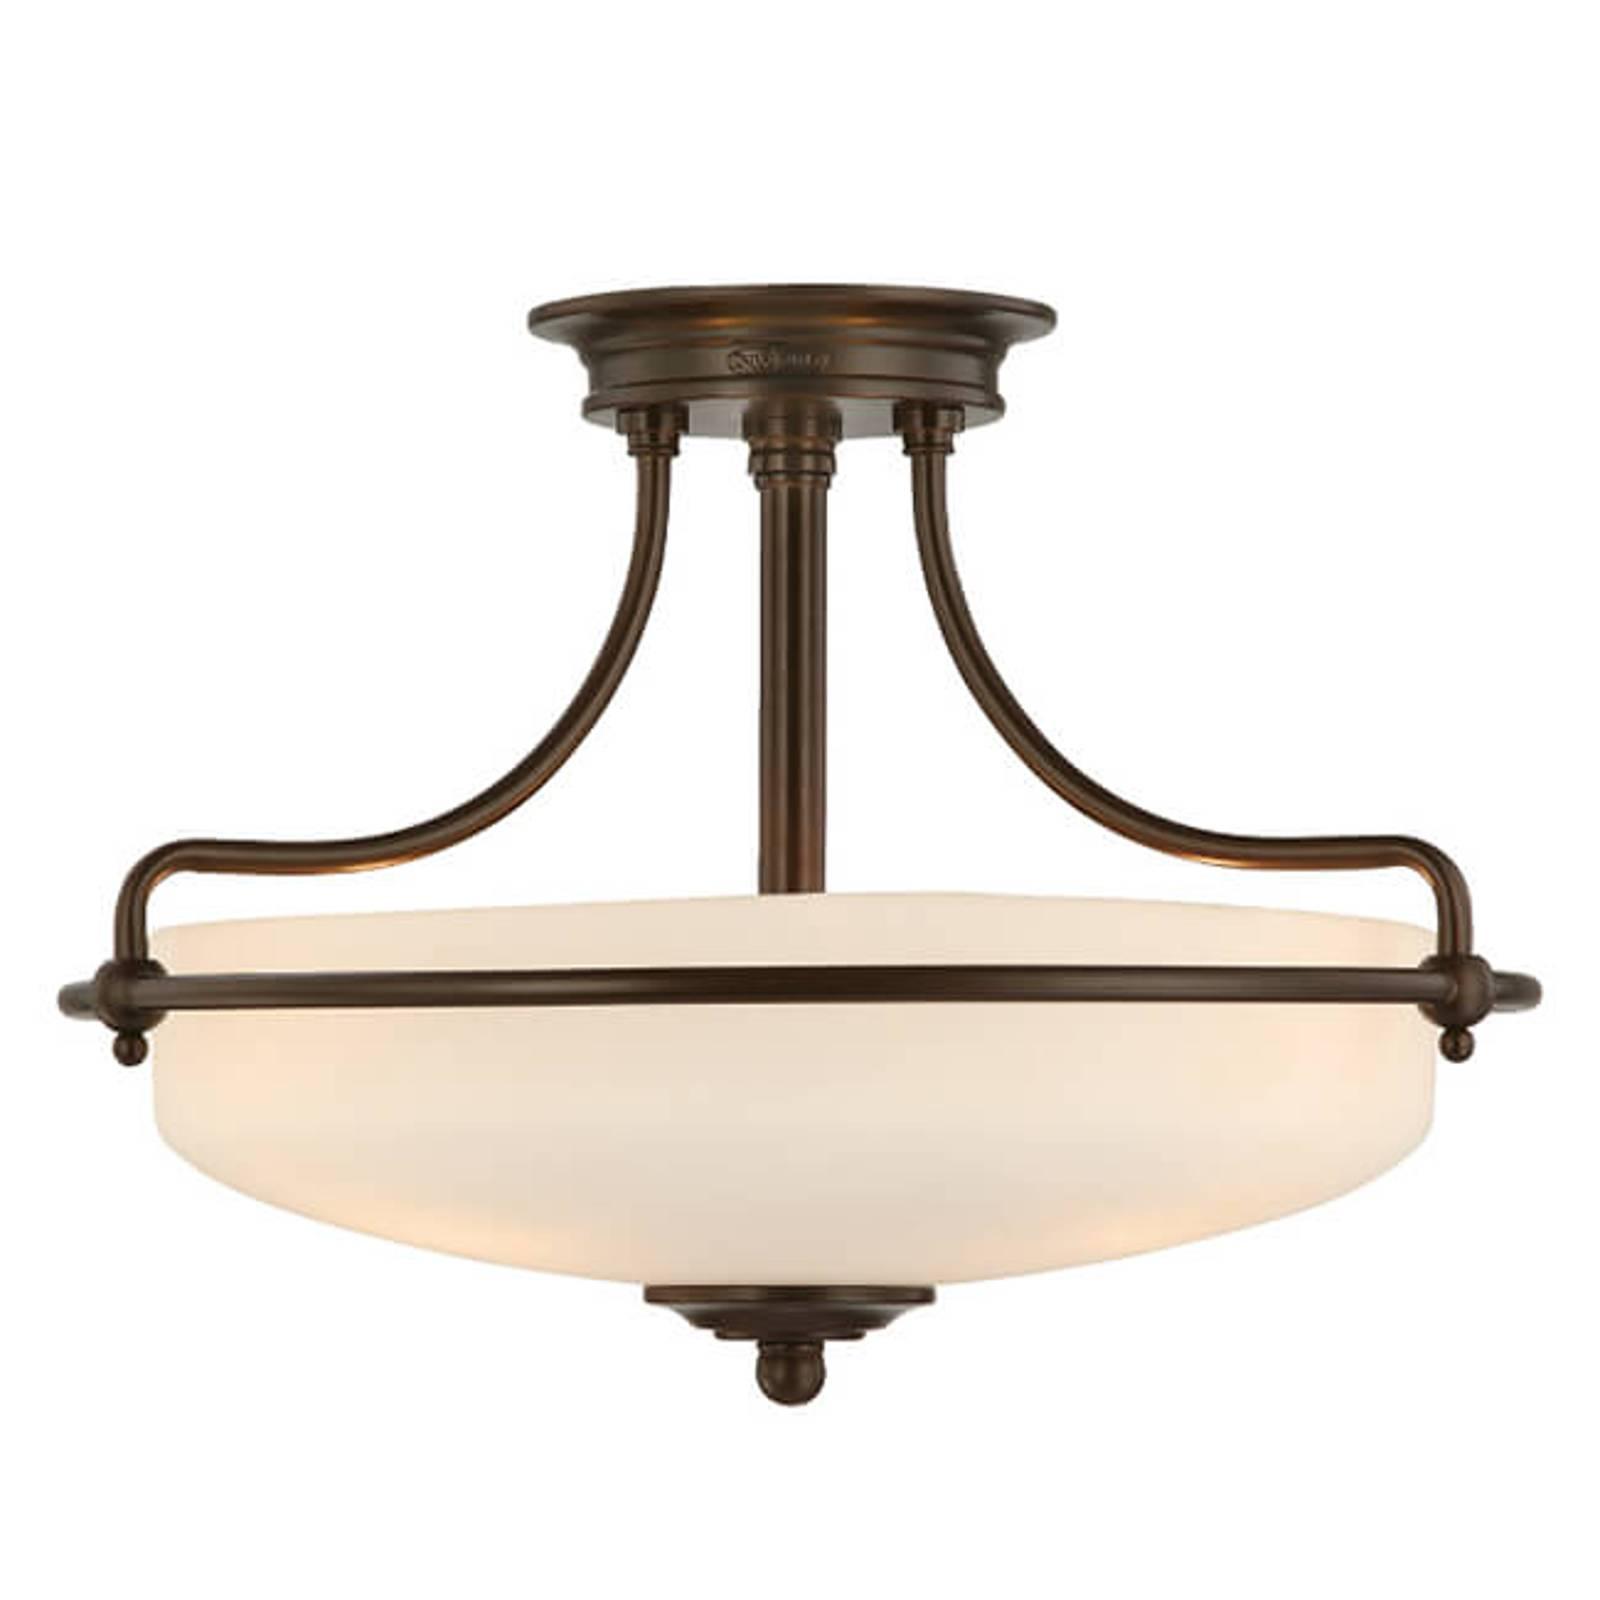 Billede af Griffin loftlampe, Ø 43 cm, bronze